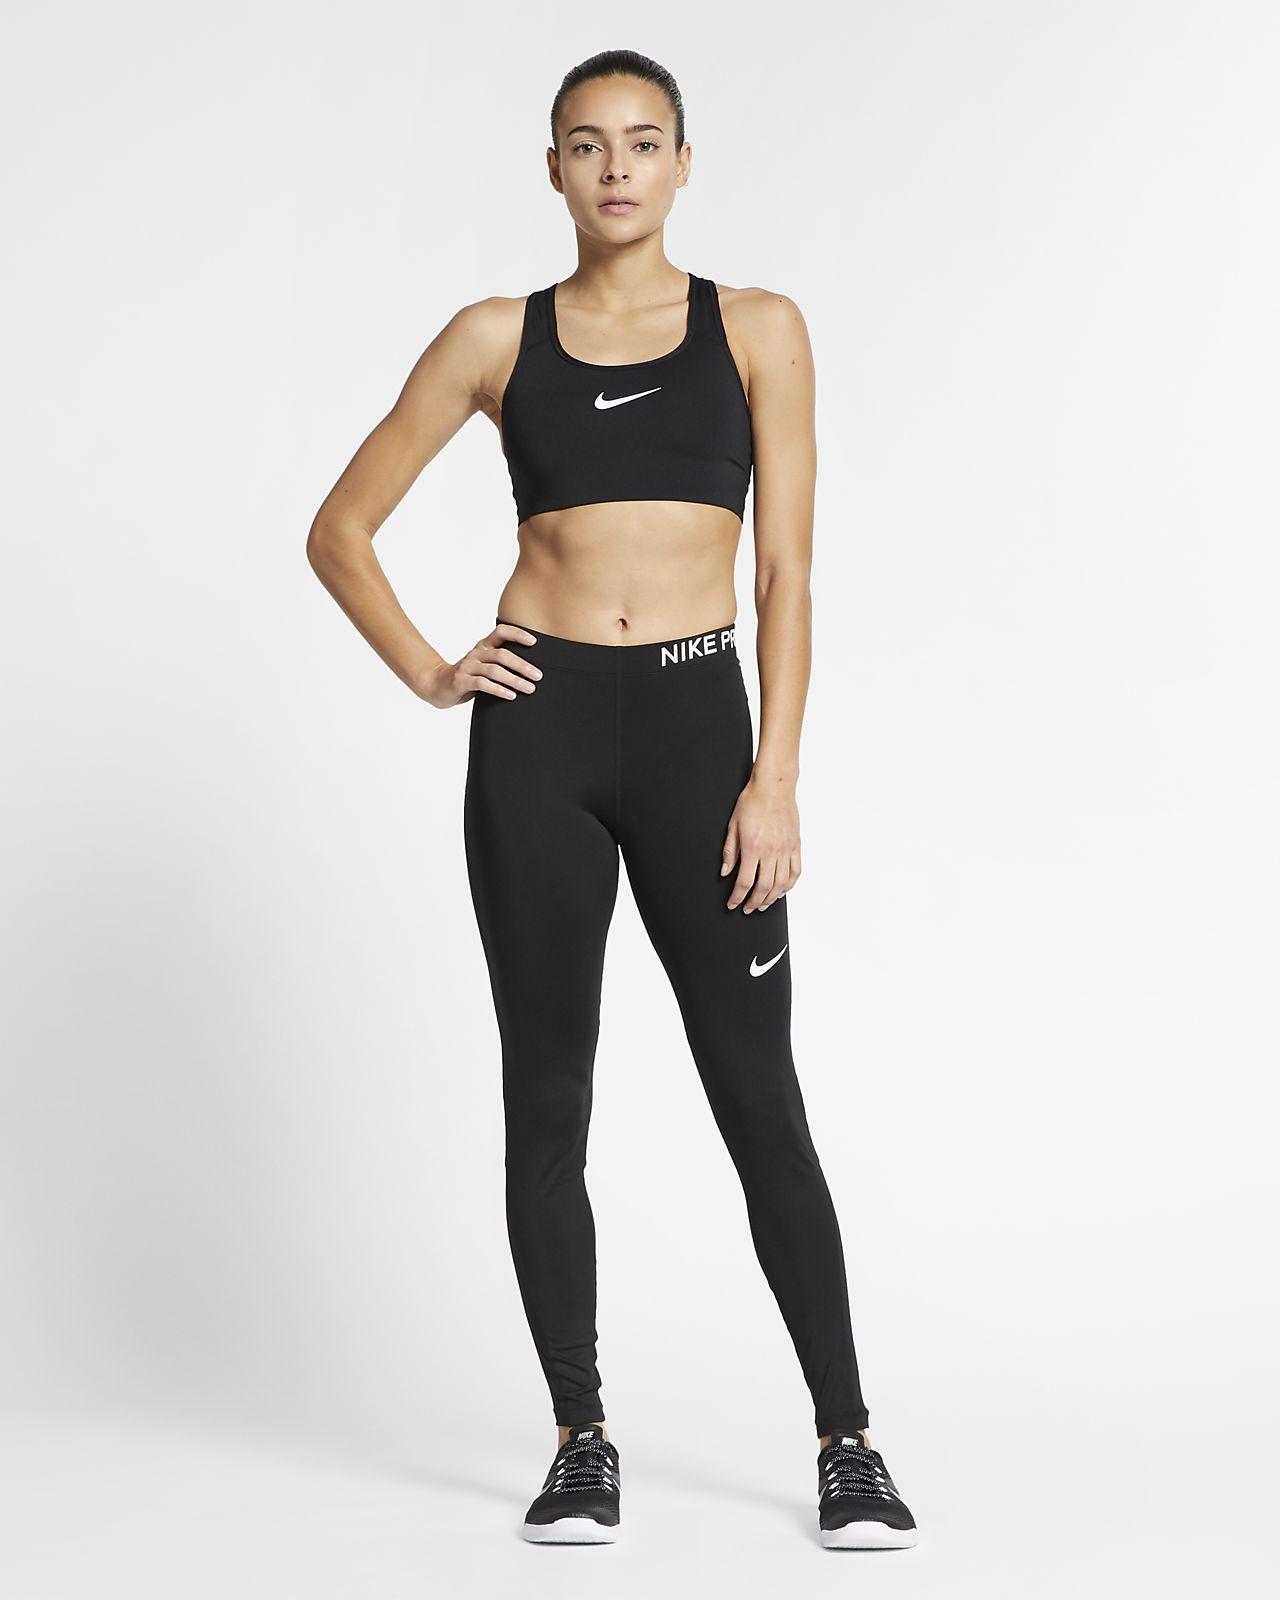 une grande variété de modèles check-out qualité authentique Nike Swoosh Women's Medium Support Sports Bra